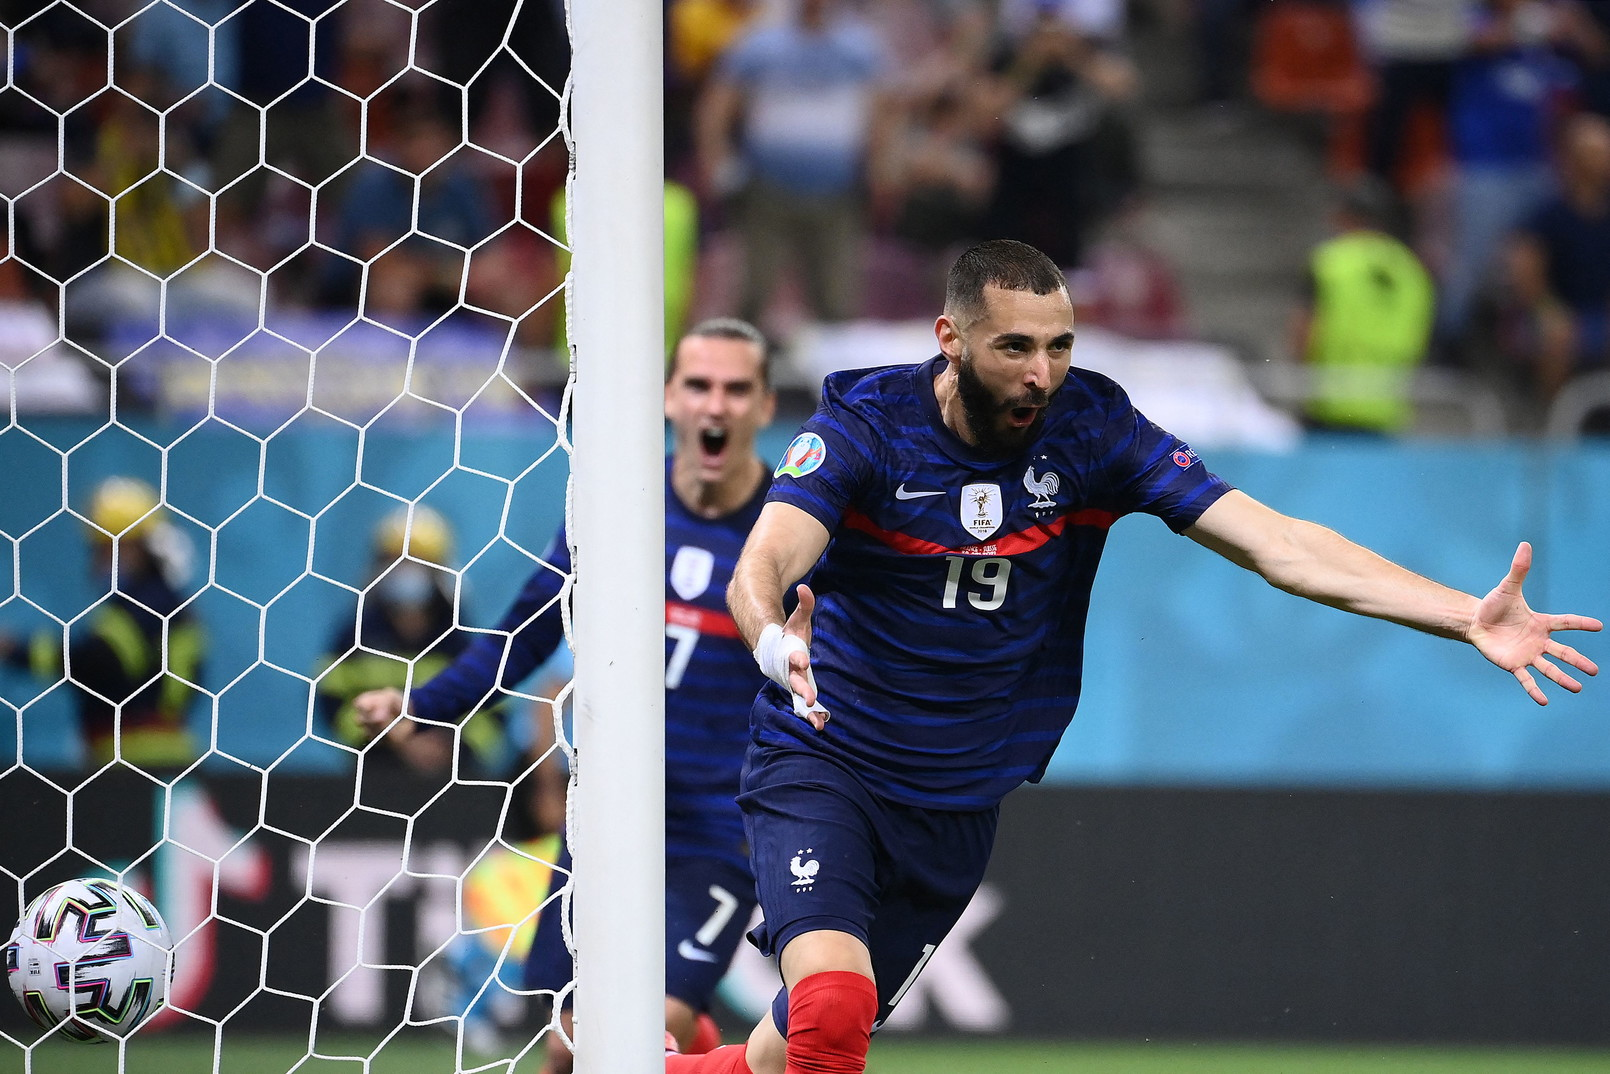 Karim Benzema (Real Madrid - Francia) - Ha trascinato il Real Madrid a suon di gol e ha fatto il suo all'Europeo, anche contro la Svizzera